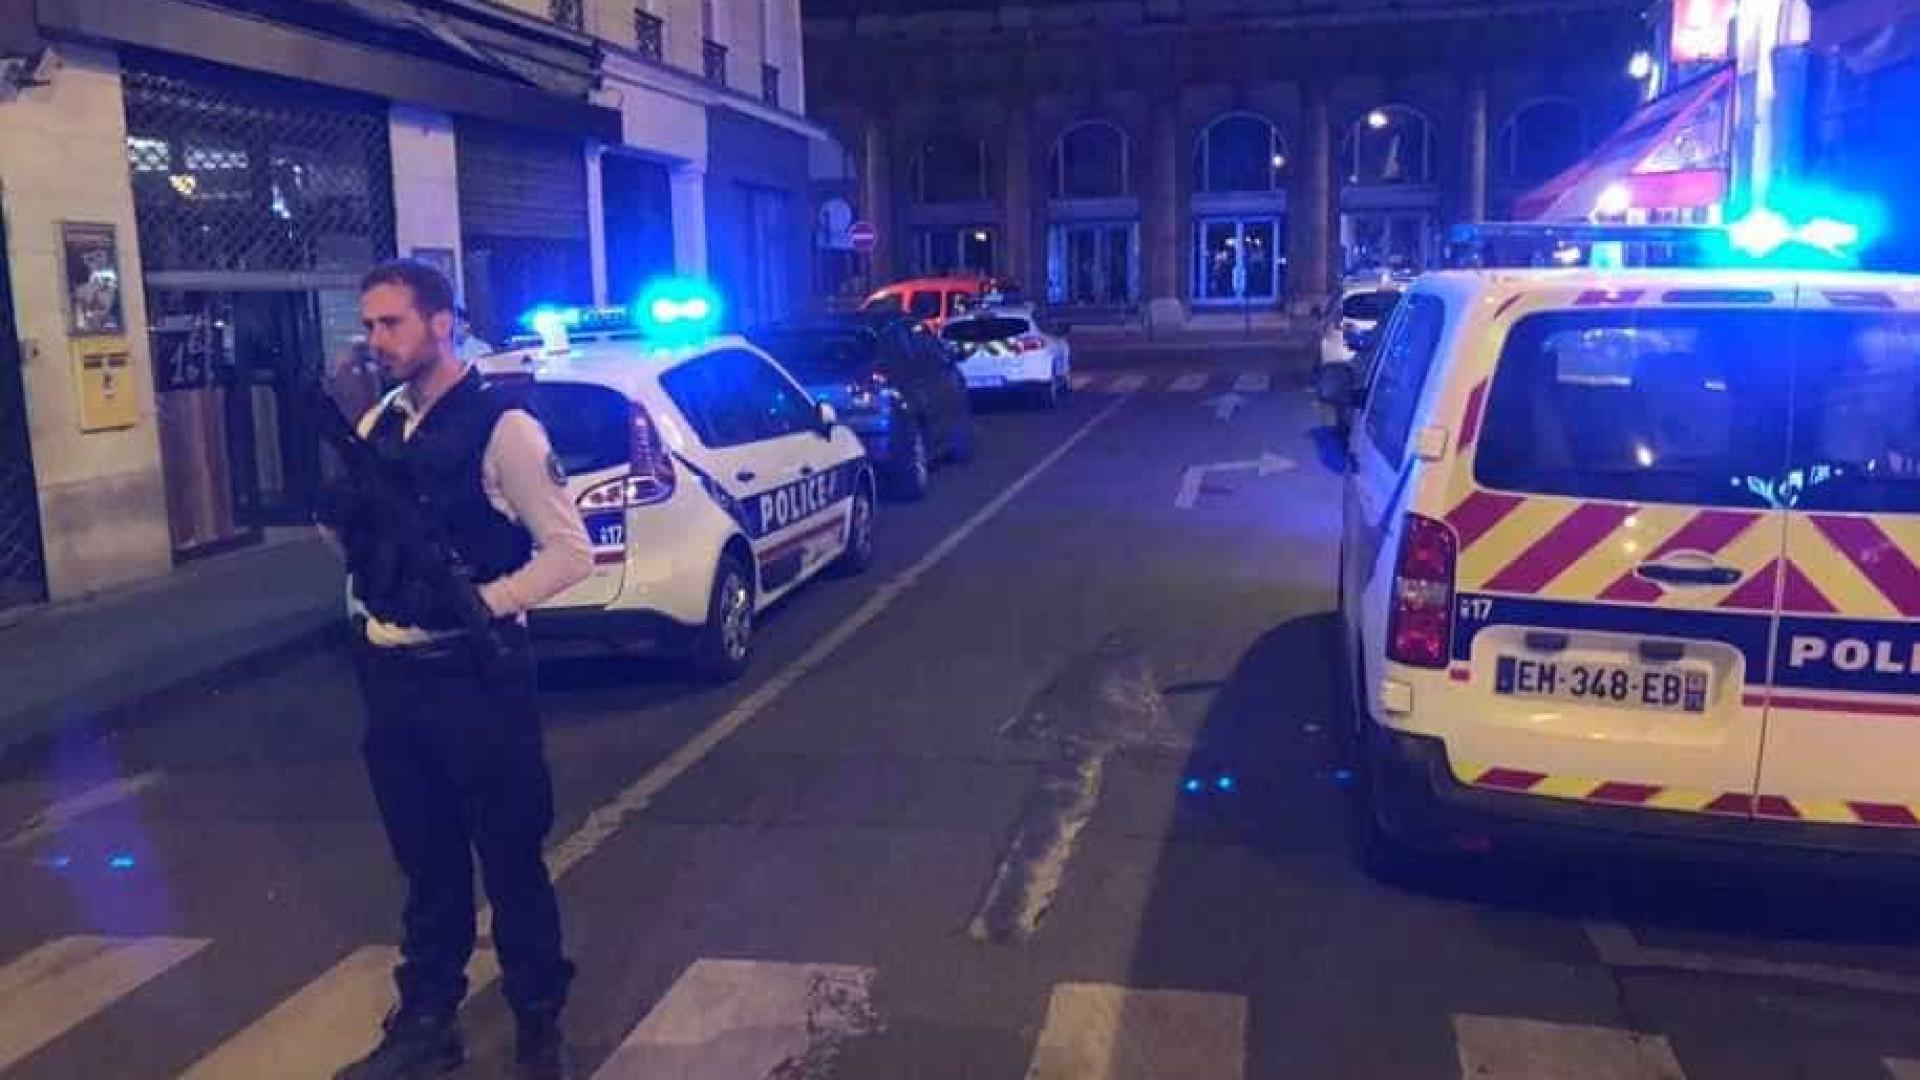 Grupo Estado Islâmico reivindica ataque em Paris